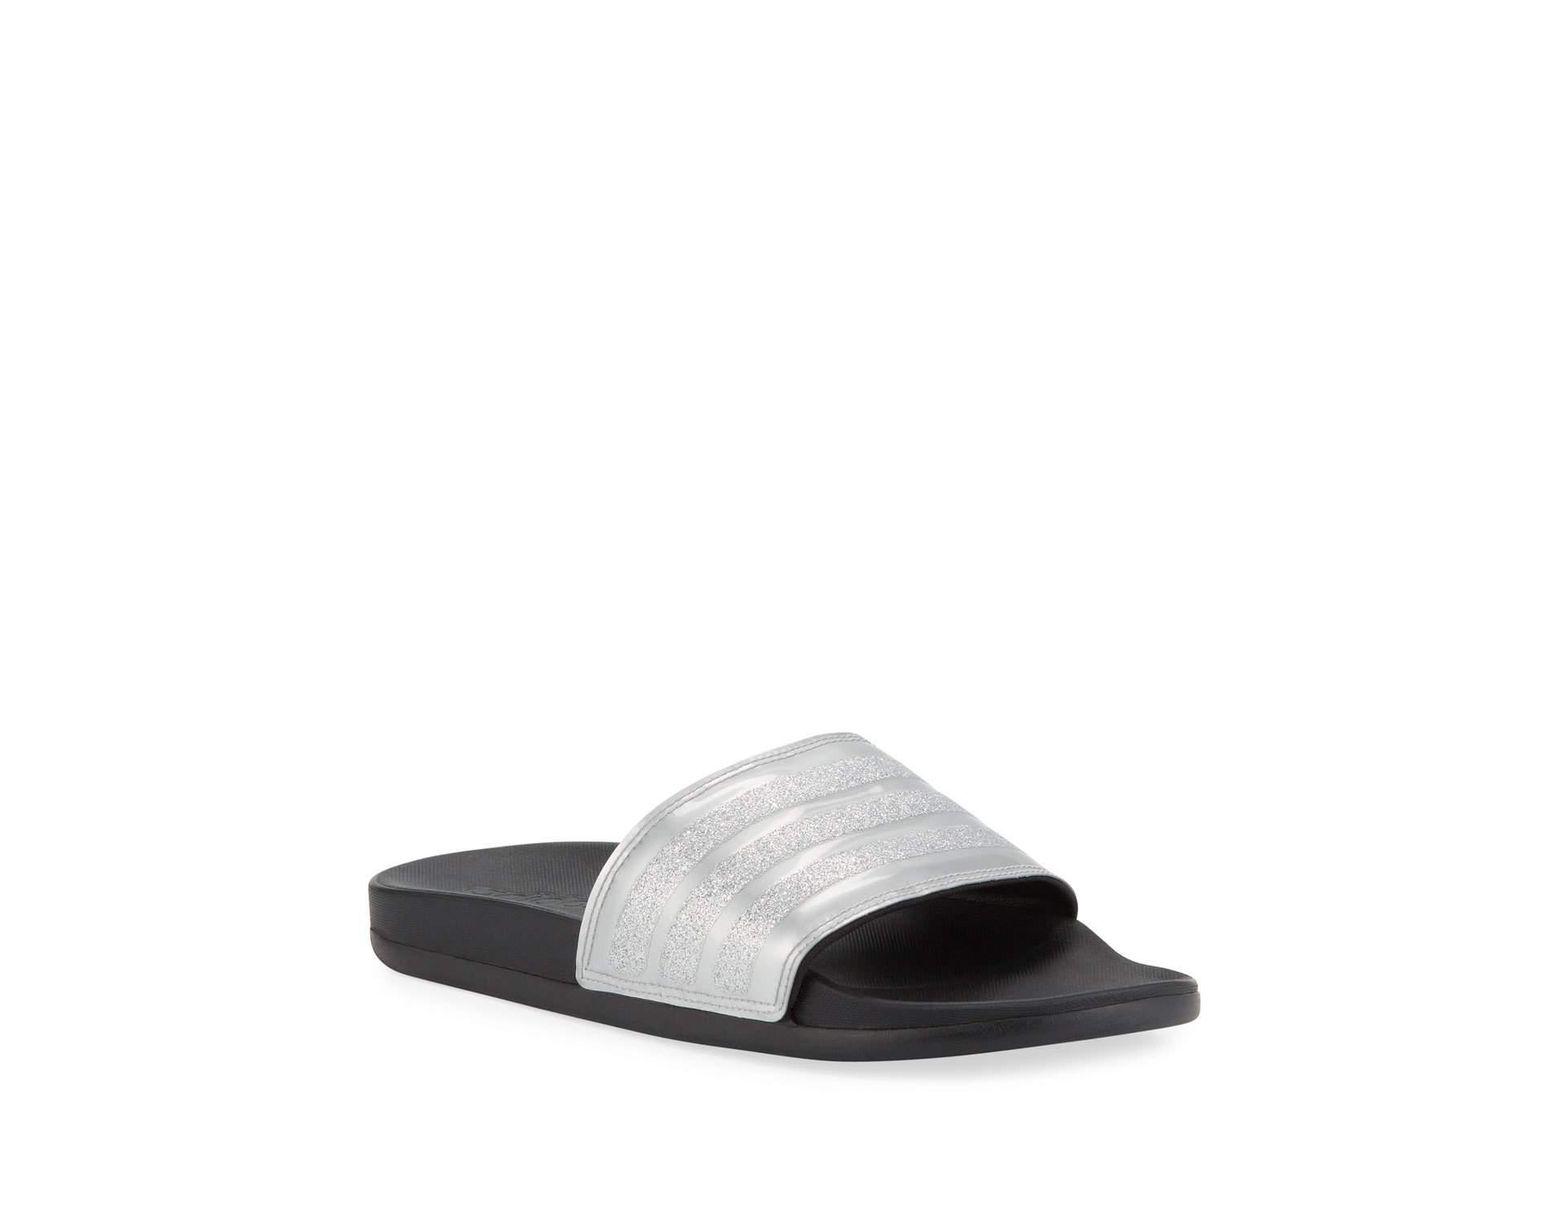 adidas adilette cloudfoam+ explorer donna slide sandals